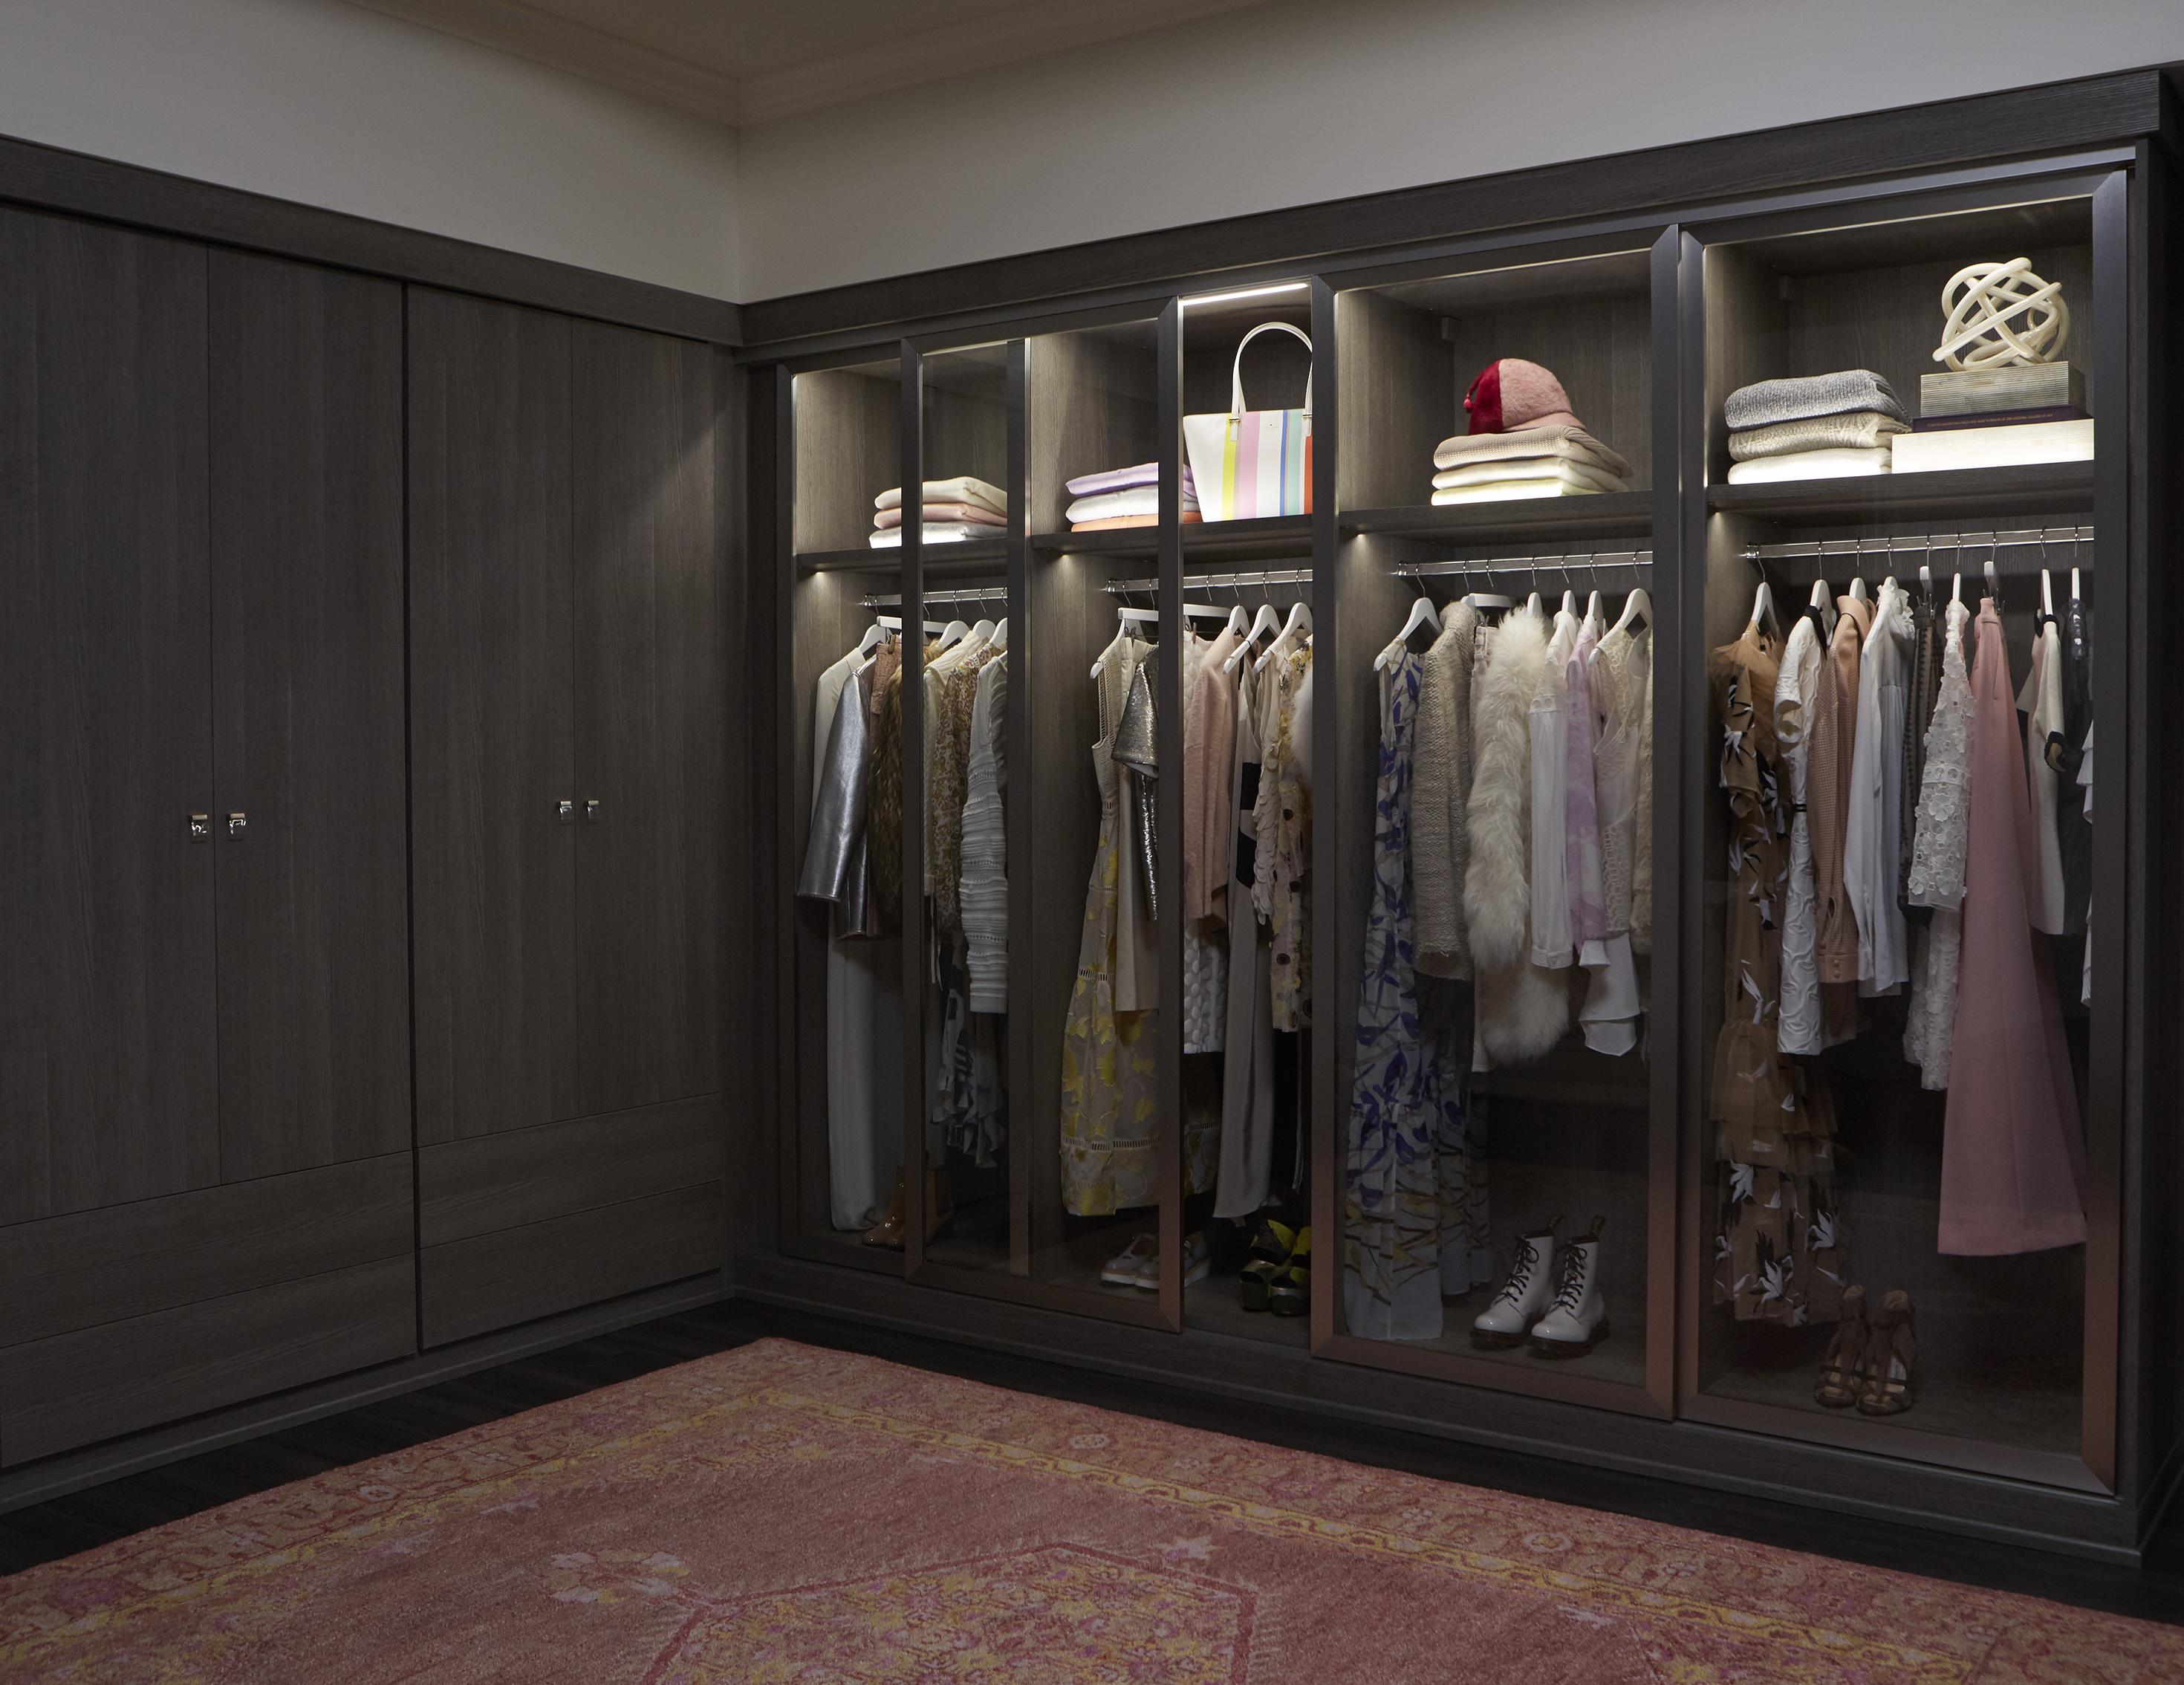 Armoire Comptoir De Famille armoire - garde-robes et rangement personnalisé - california